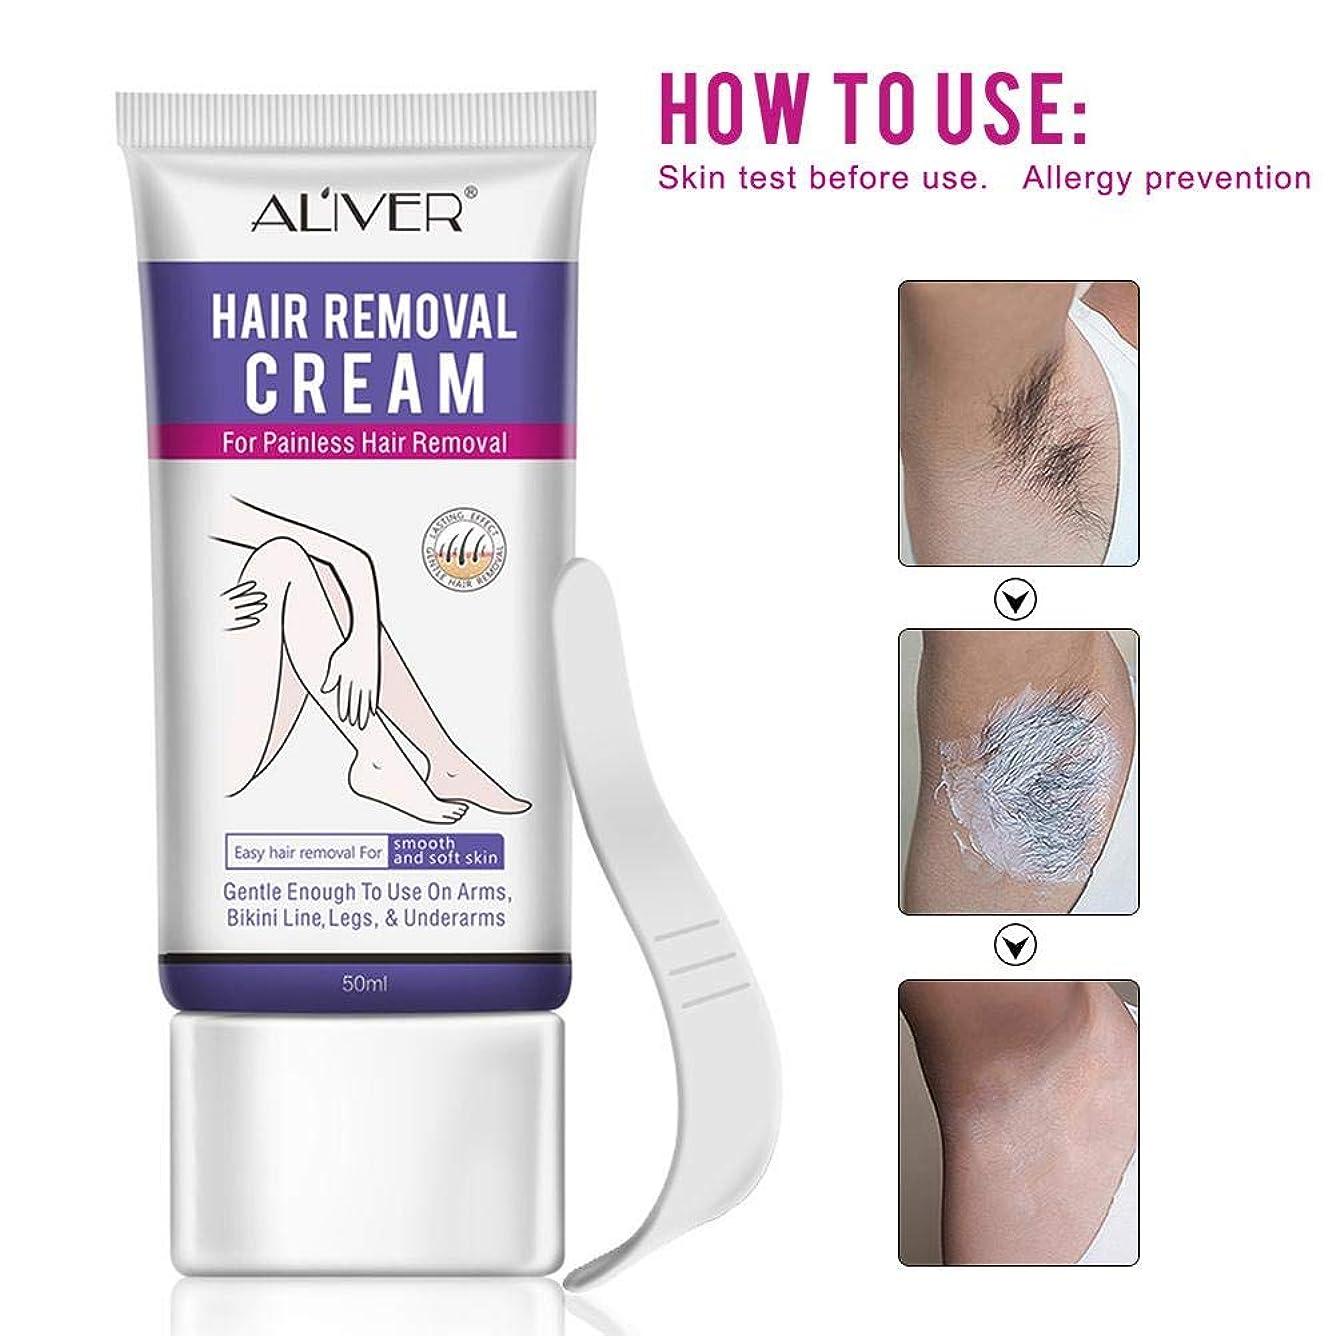 シェフウィンクワット優しく髪の毛を取り除き、痛みのない髪の毛の除去クリーム、マイルドで刺激がありません、髪の毛、足、ボディケア、美容と健康のスキンケアを取り除きます